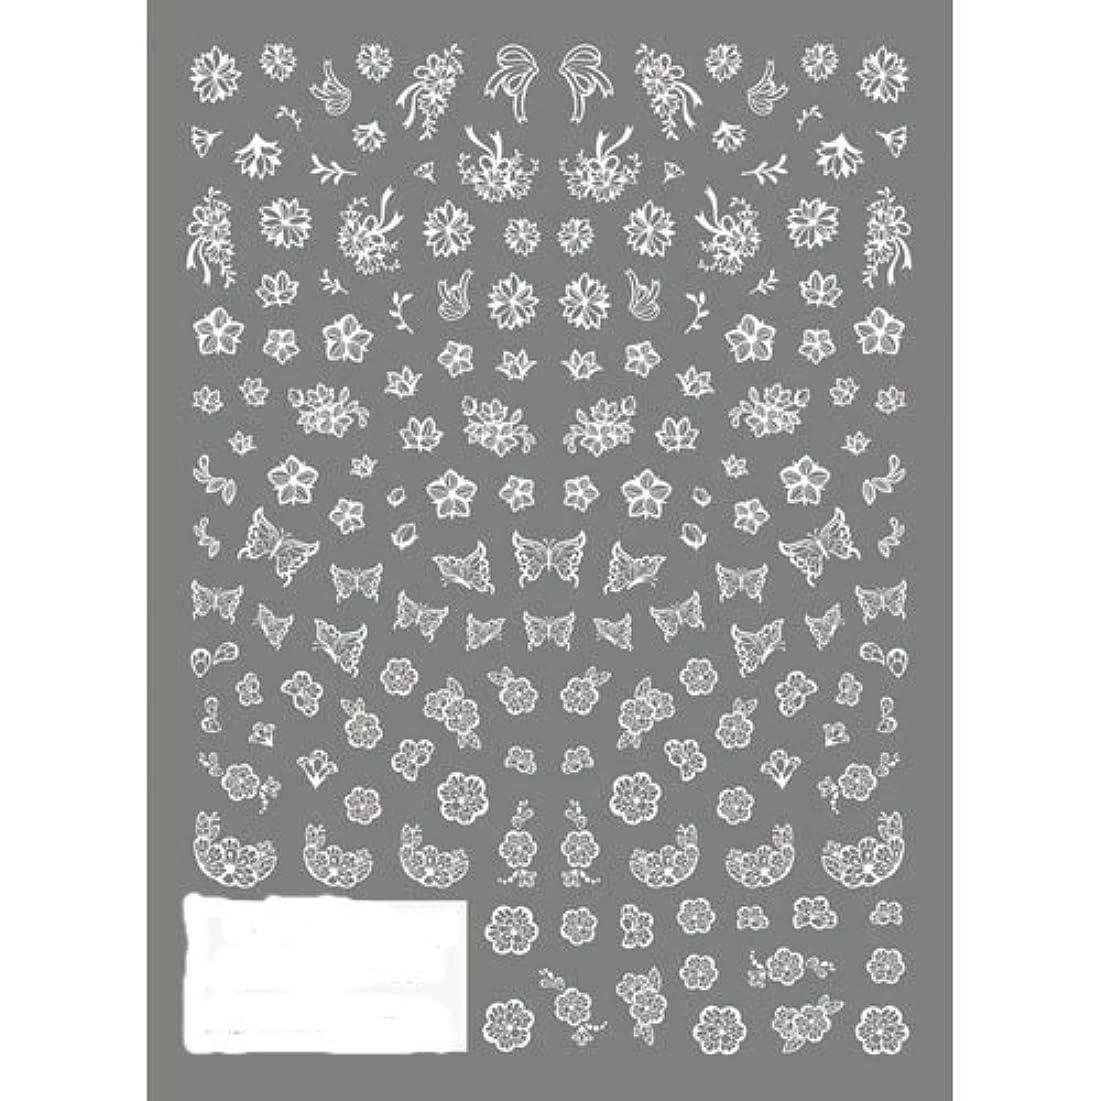 ツメキラ ネイル用シール 切り絵 フラワー&バタフライ ホワイト